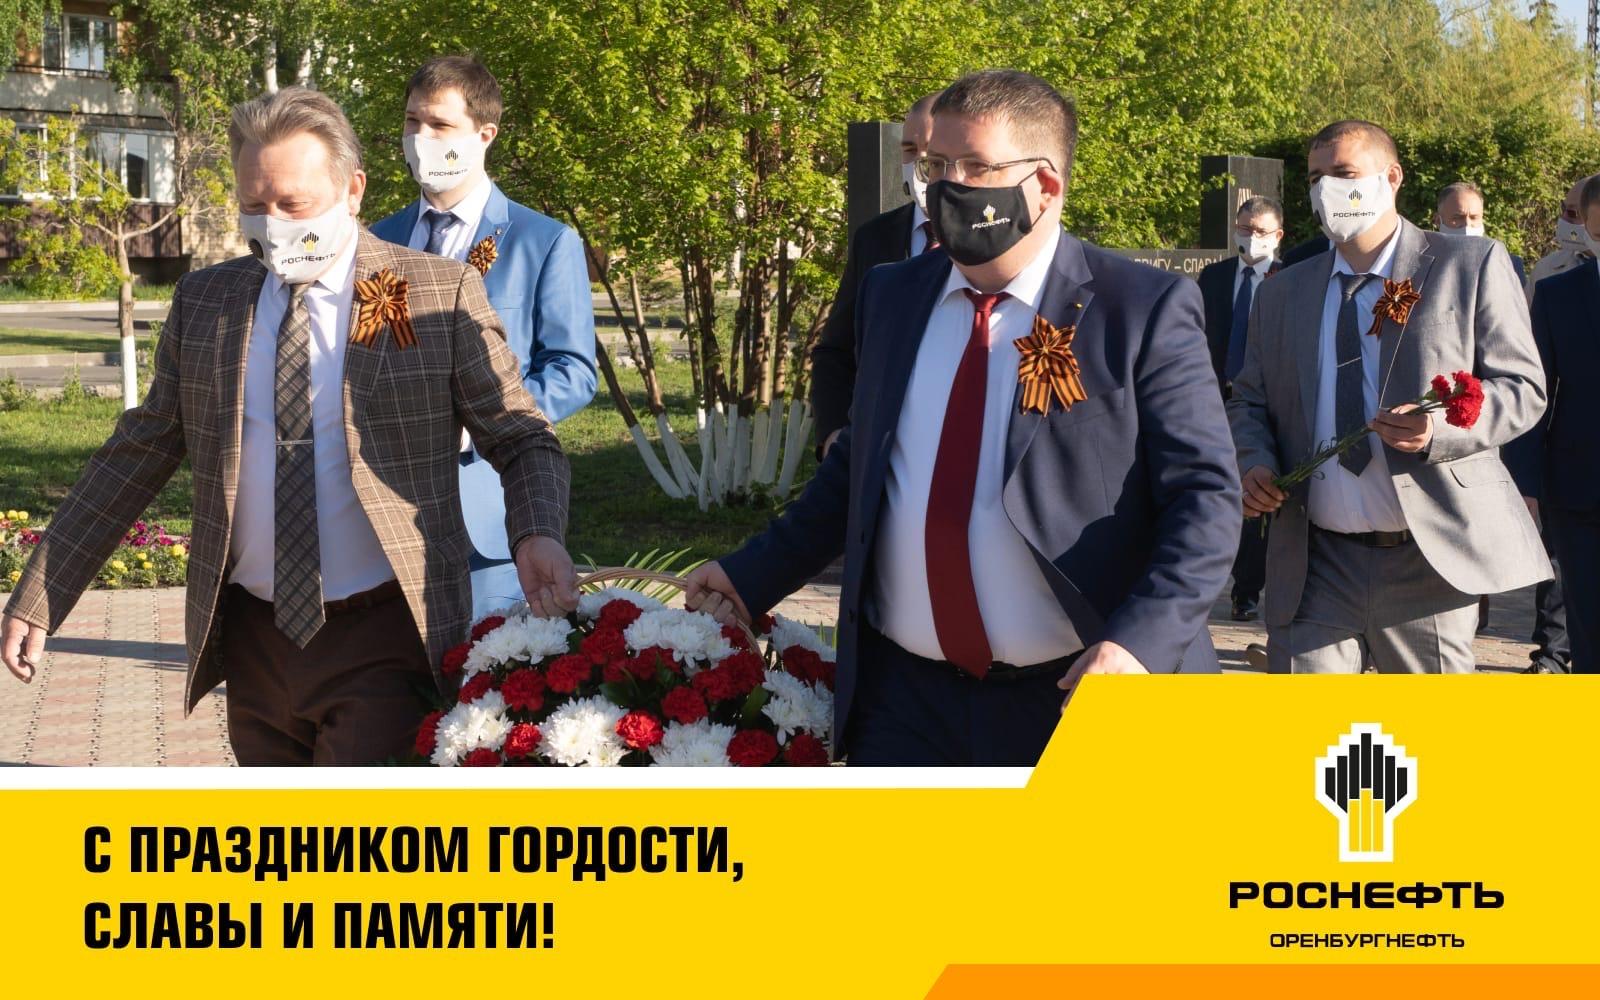 Сотрудники «Оренбургнефти» приняли участие в праздничных мероприятиях, посвящённых Дню Победы